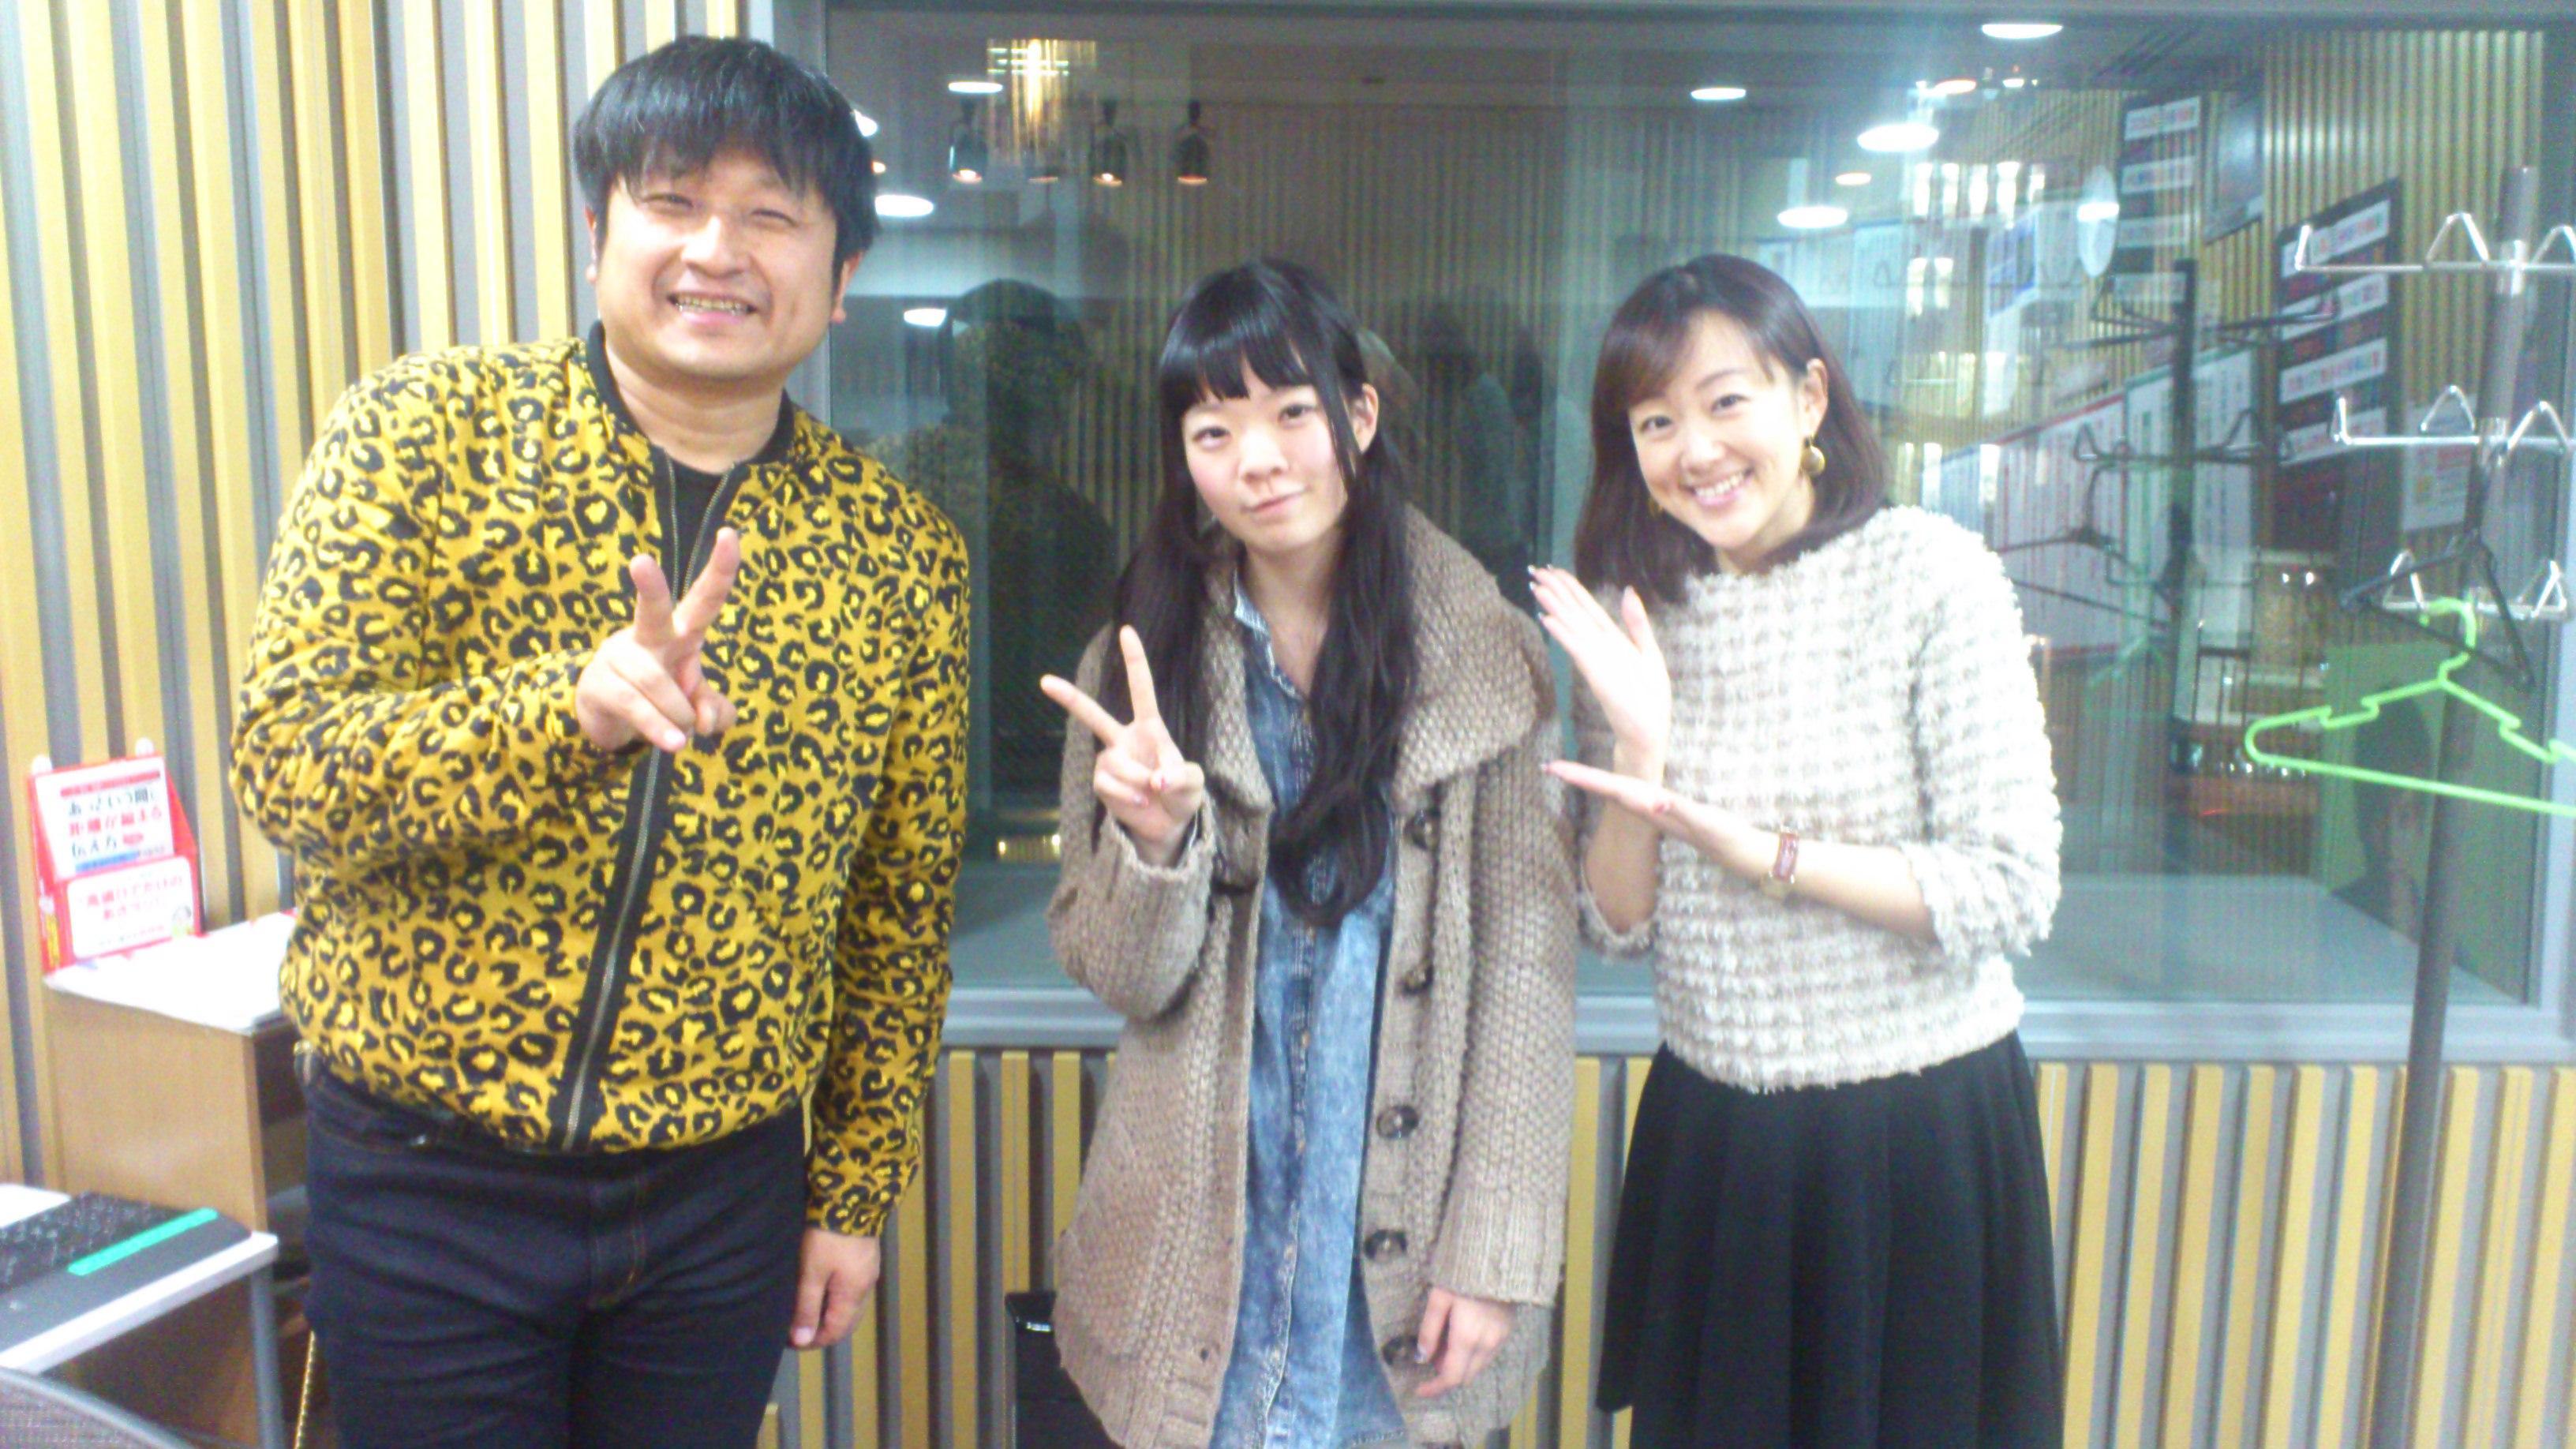 『眠いんです』SHISHAMOからボーカルの宮崎朝子さん登場!:〜今日も一日〜 Good Job ニッポン 毎週月曜〜金曜日 1800〜2050